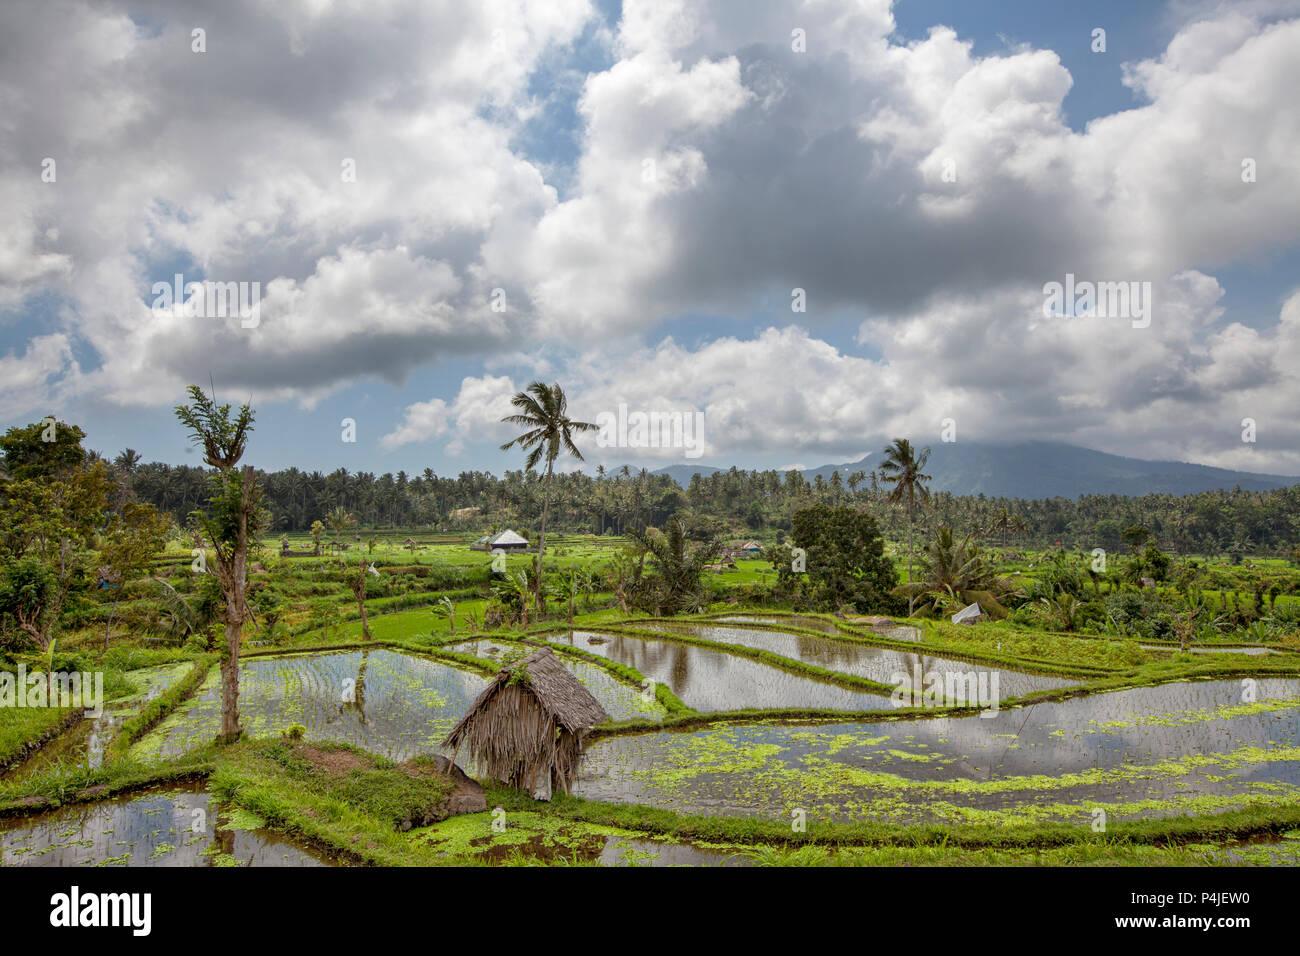 Las terrazas de arroz de Bali. Los hermosos y espectaculares campos de arroz. Verdaderamente un paisaje evocador. Imagen De Stock